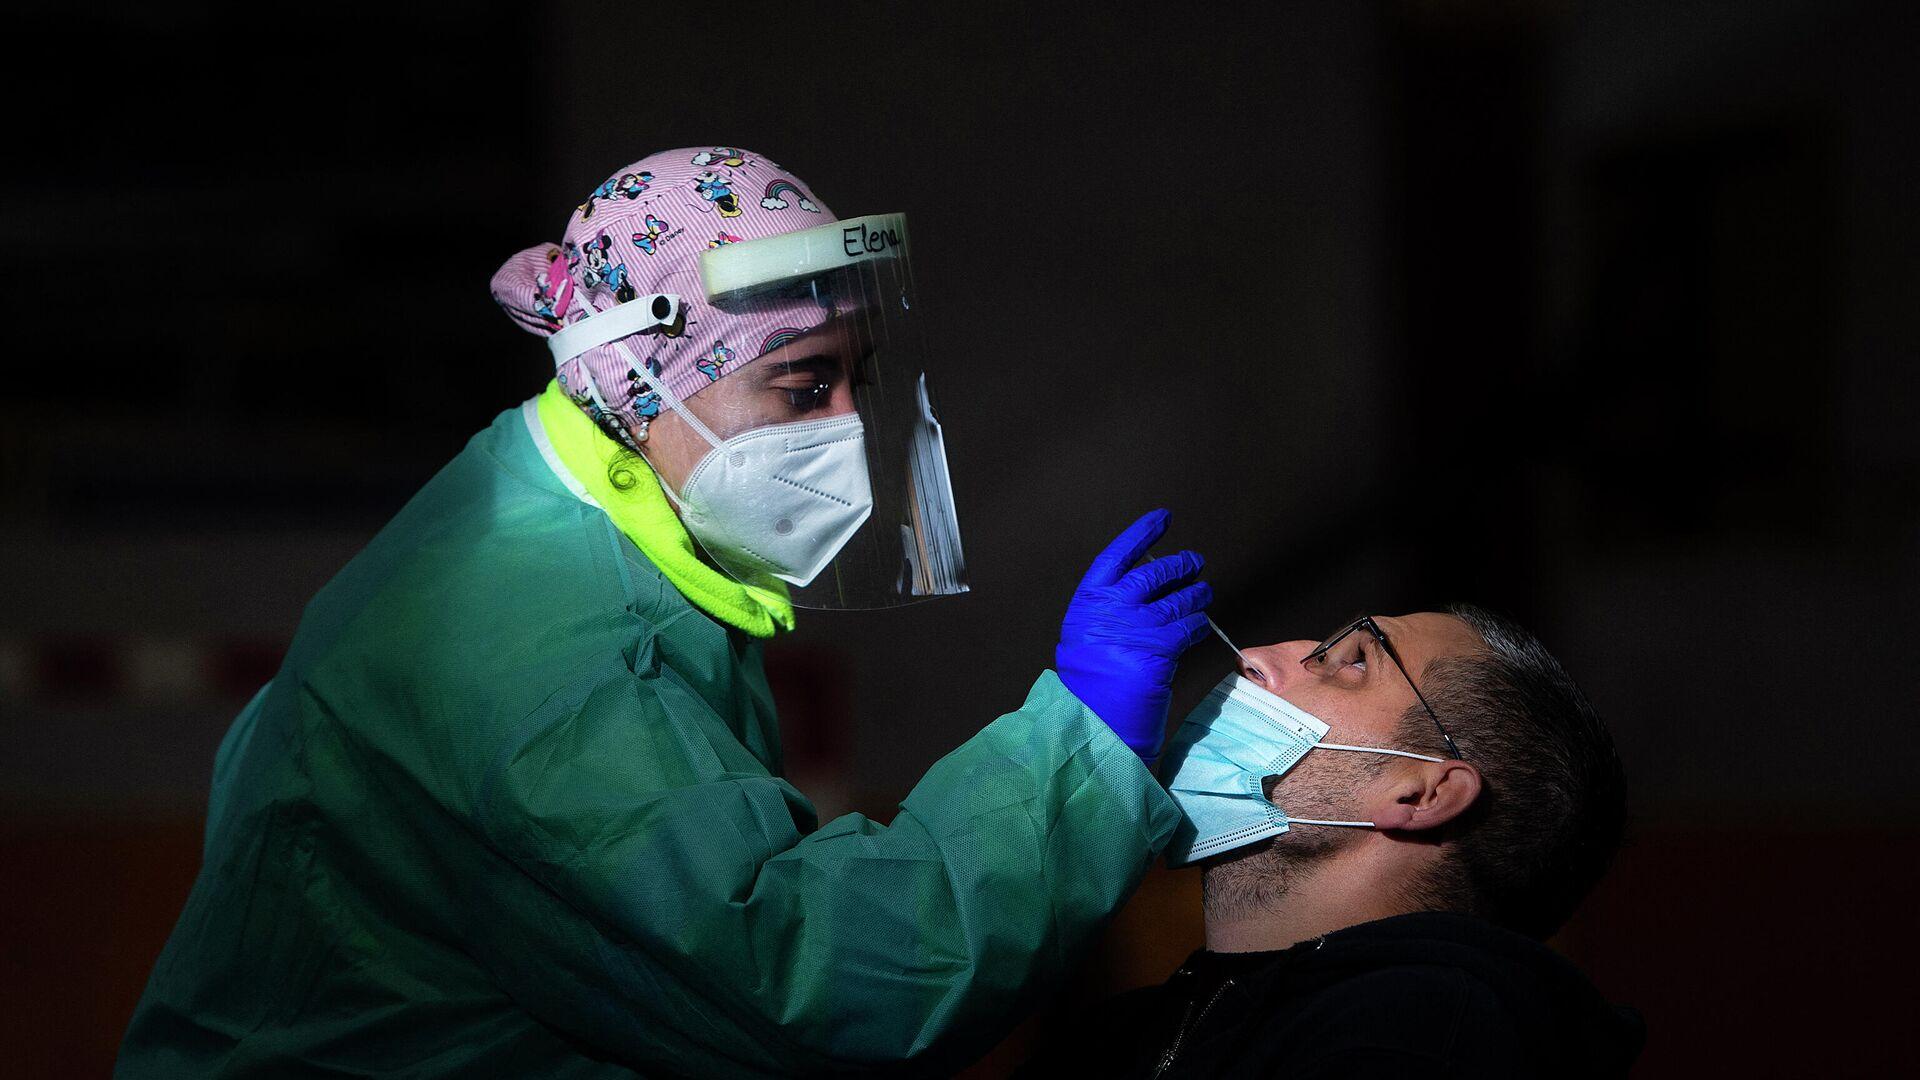 Una trabajadora de la salud realiza una prueba rápida de antígeno para COVID-19 durante una detección masiva de coronavirus en Tui, noroeste de España, el 8 de diciembre de 2020. - Sputnik Mundo, 1920, 12.03.2021